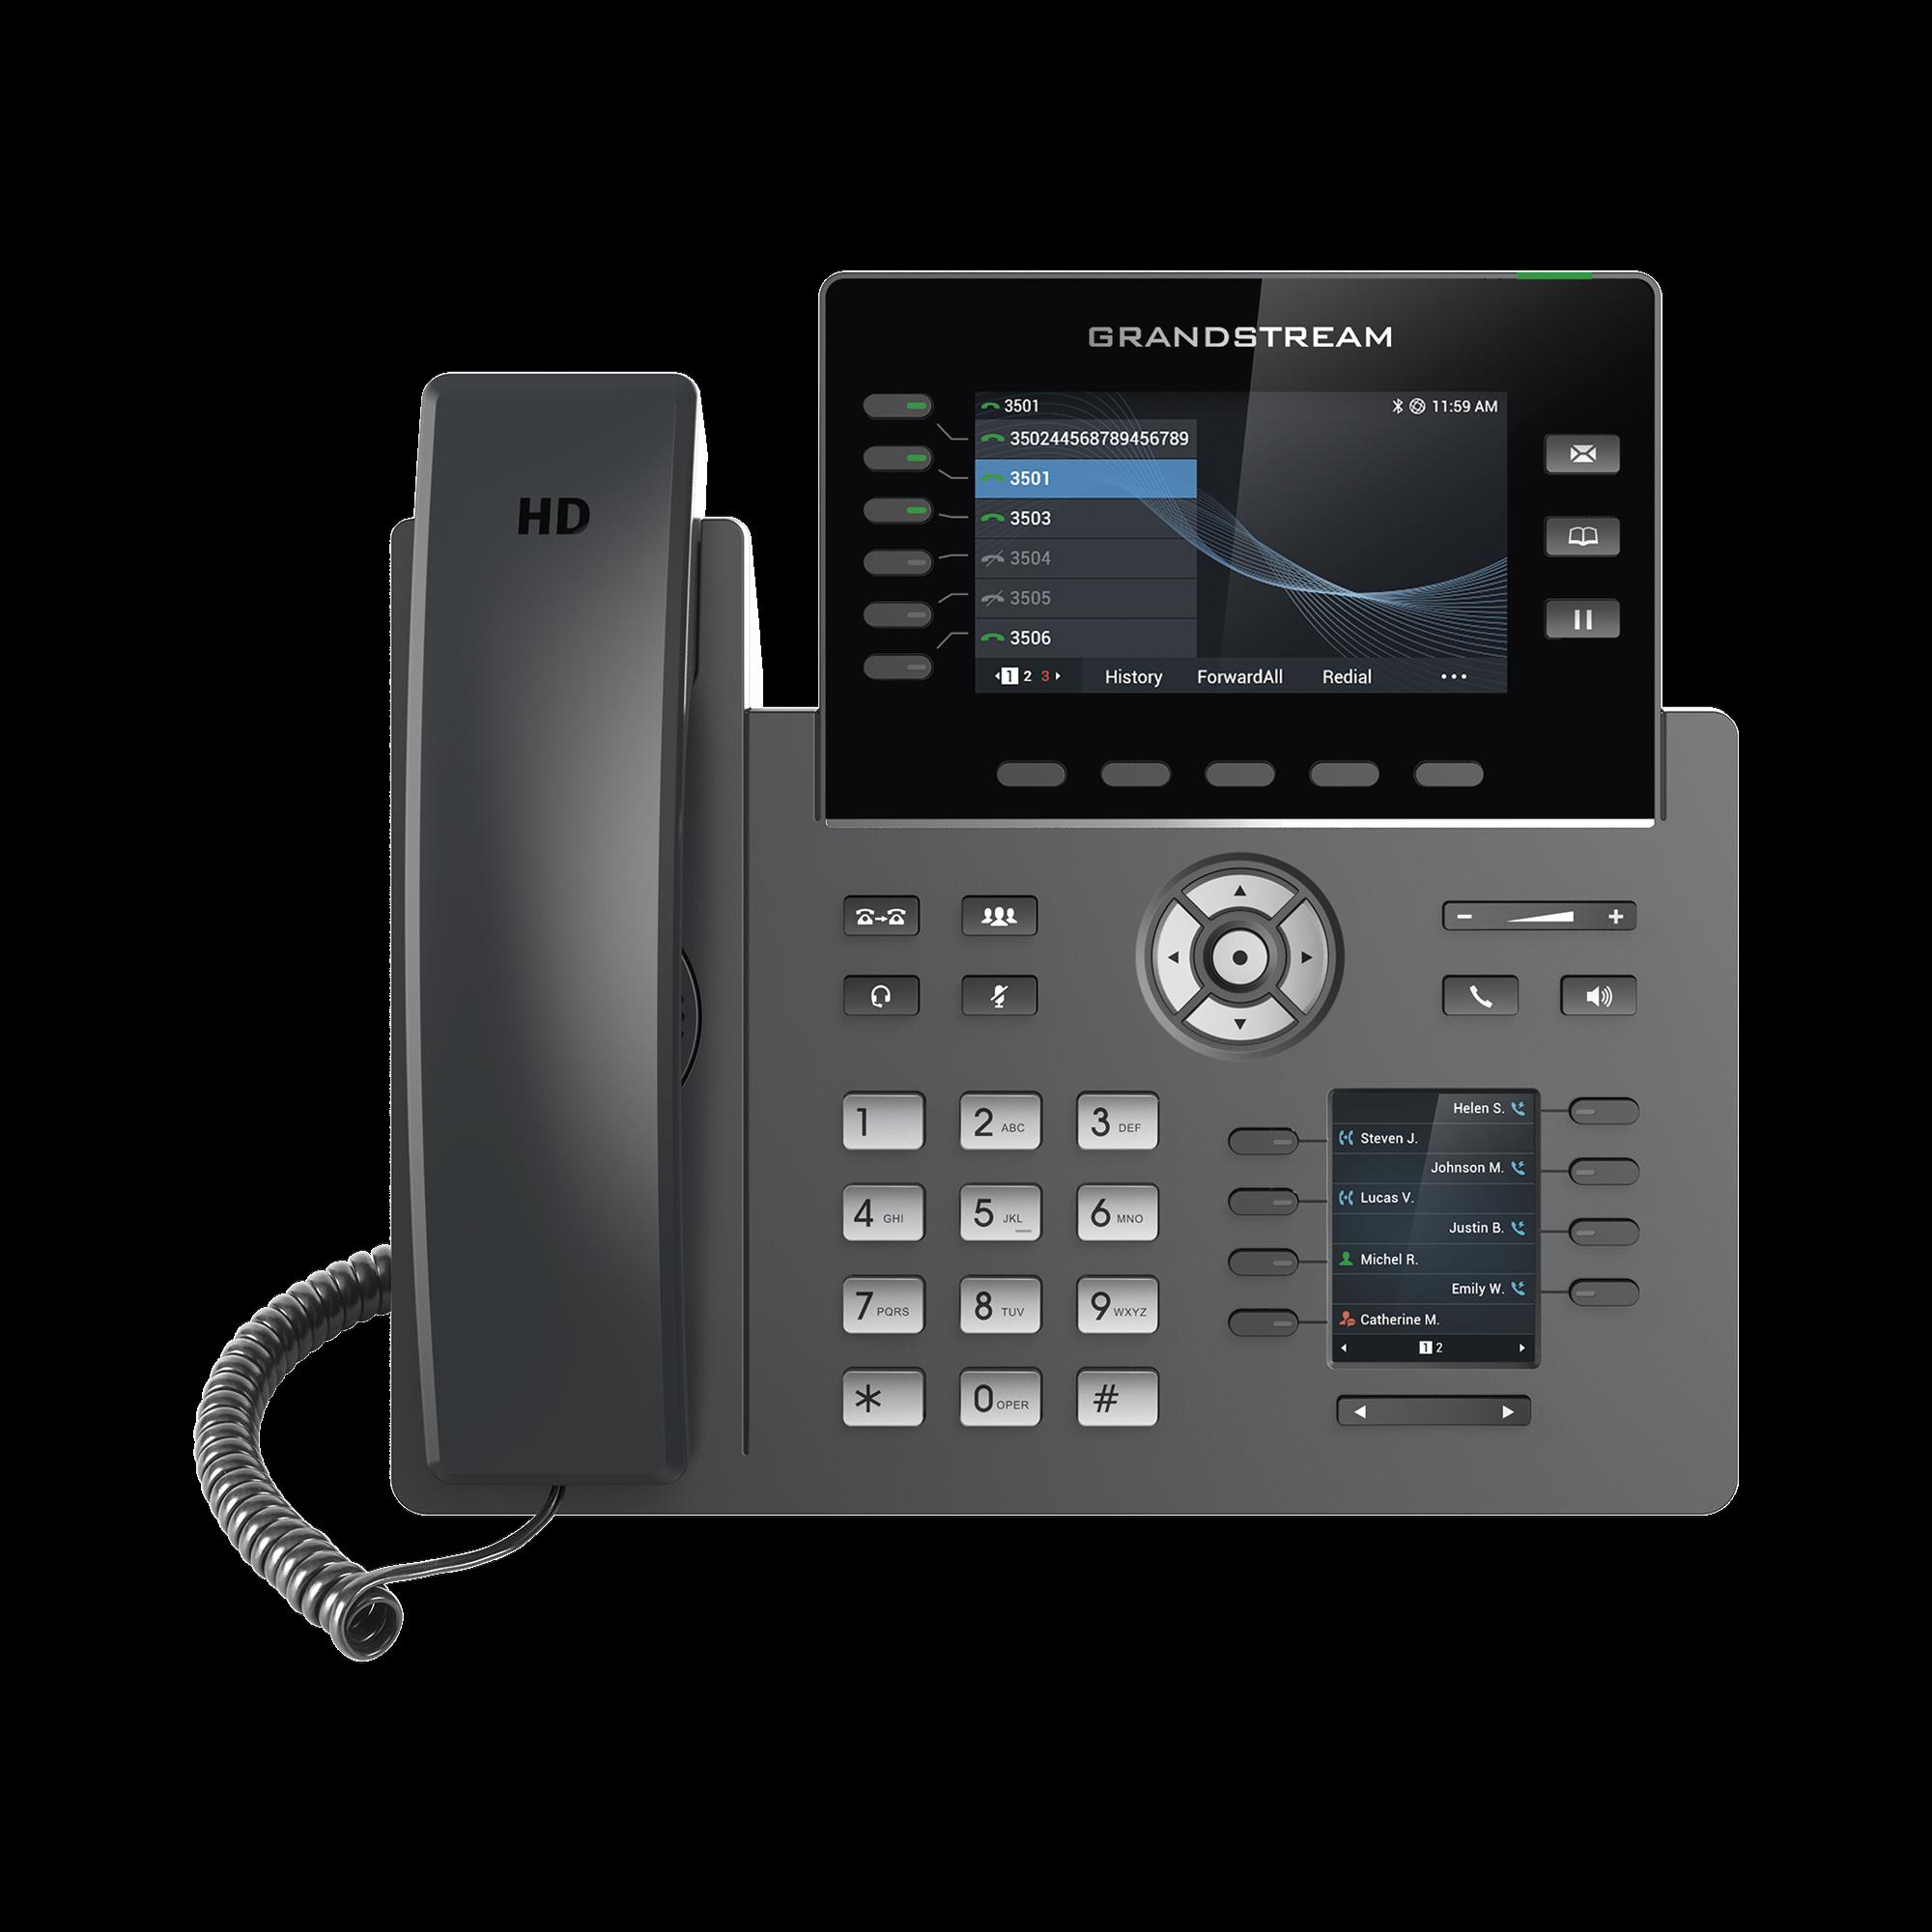 Teléfono IP Wi-Fi, Grado Operador, 6 líneas SIP con 6 cuentas, pantalla a color 2.8, puertos Gigabit, Bluetooth, PoE, codec Opus, IPV4/IPV6 con gestión en la nube GDMS